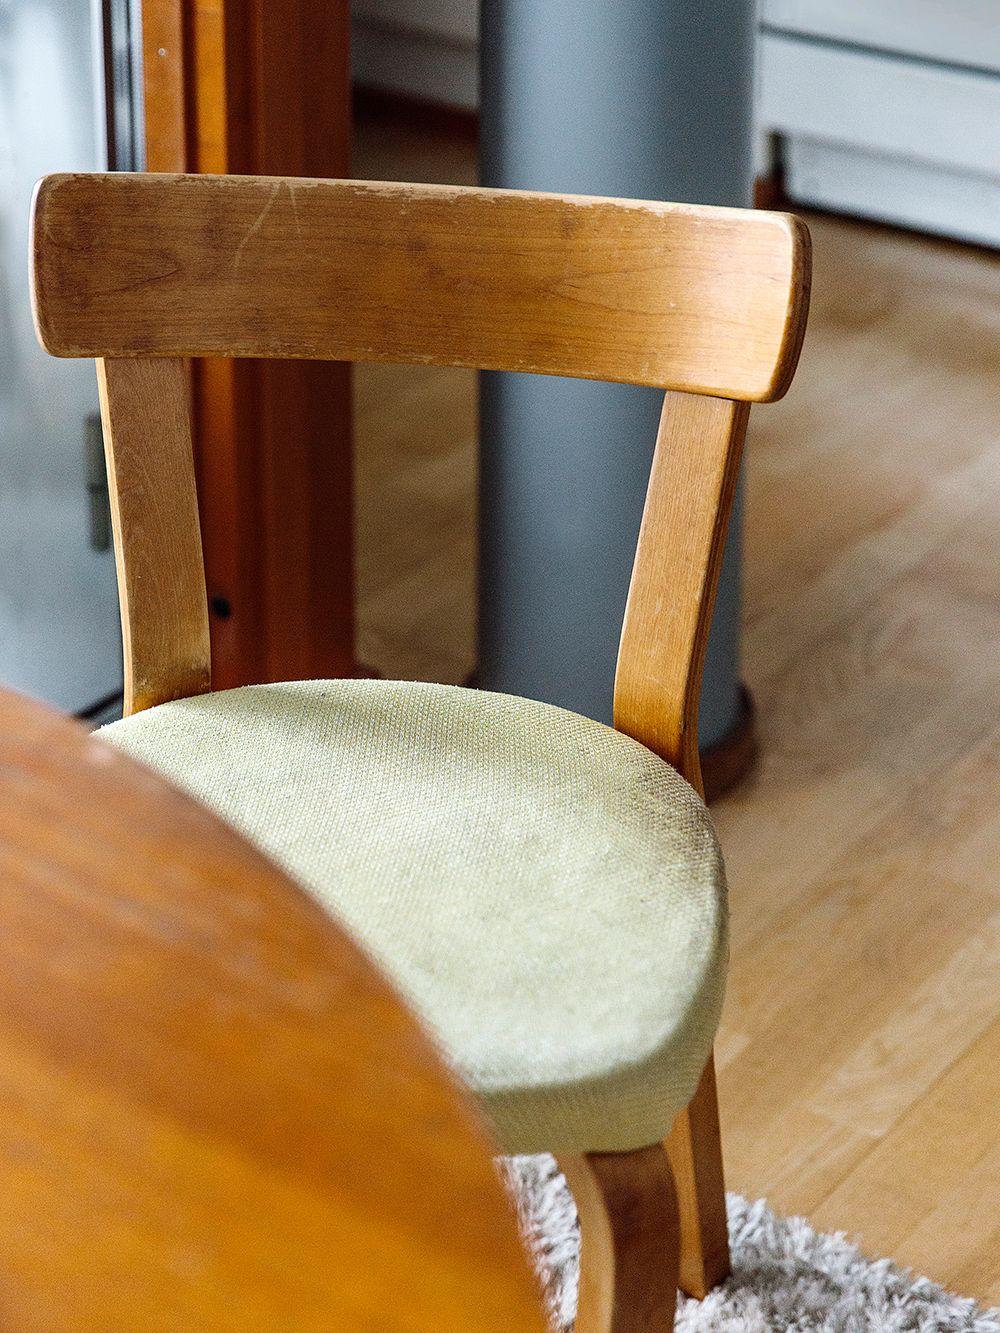 Artek Chair 69 with patina